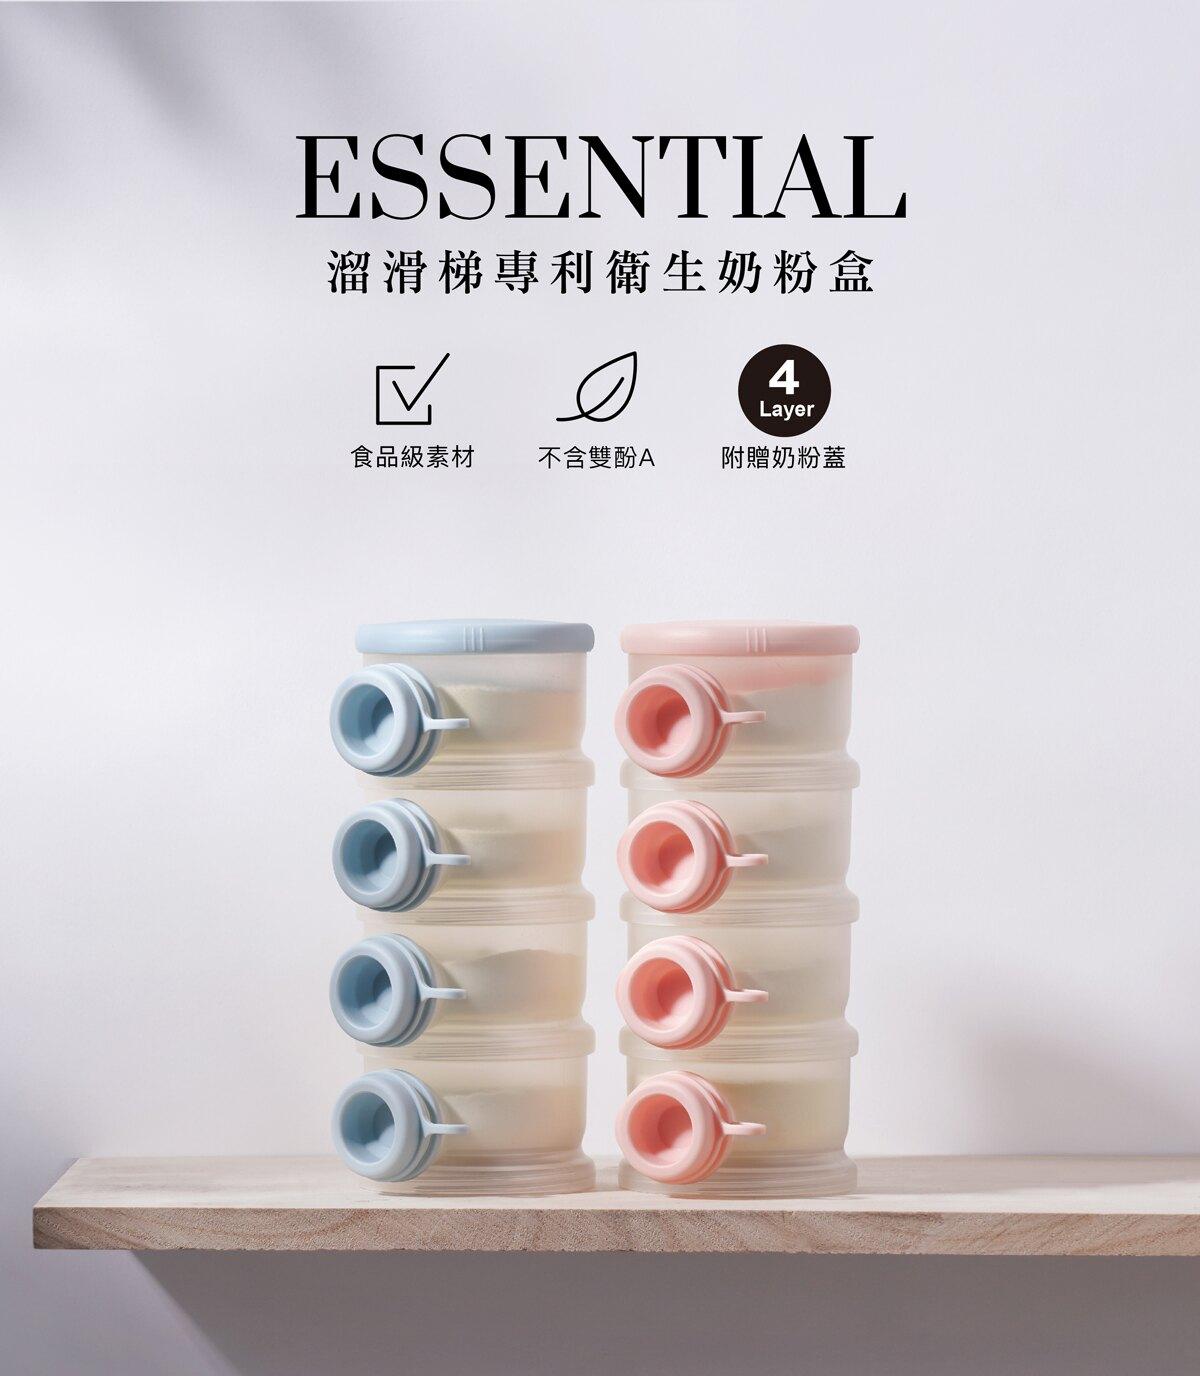 【淘氣寶寶】2020 新品強打 小獅王 辛巴 Simba 溜滑梯專利衛生奶粉盒-菈藍/貝粉